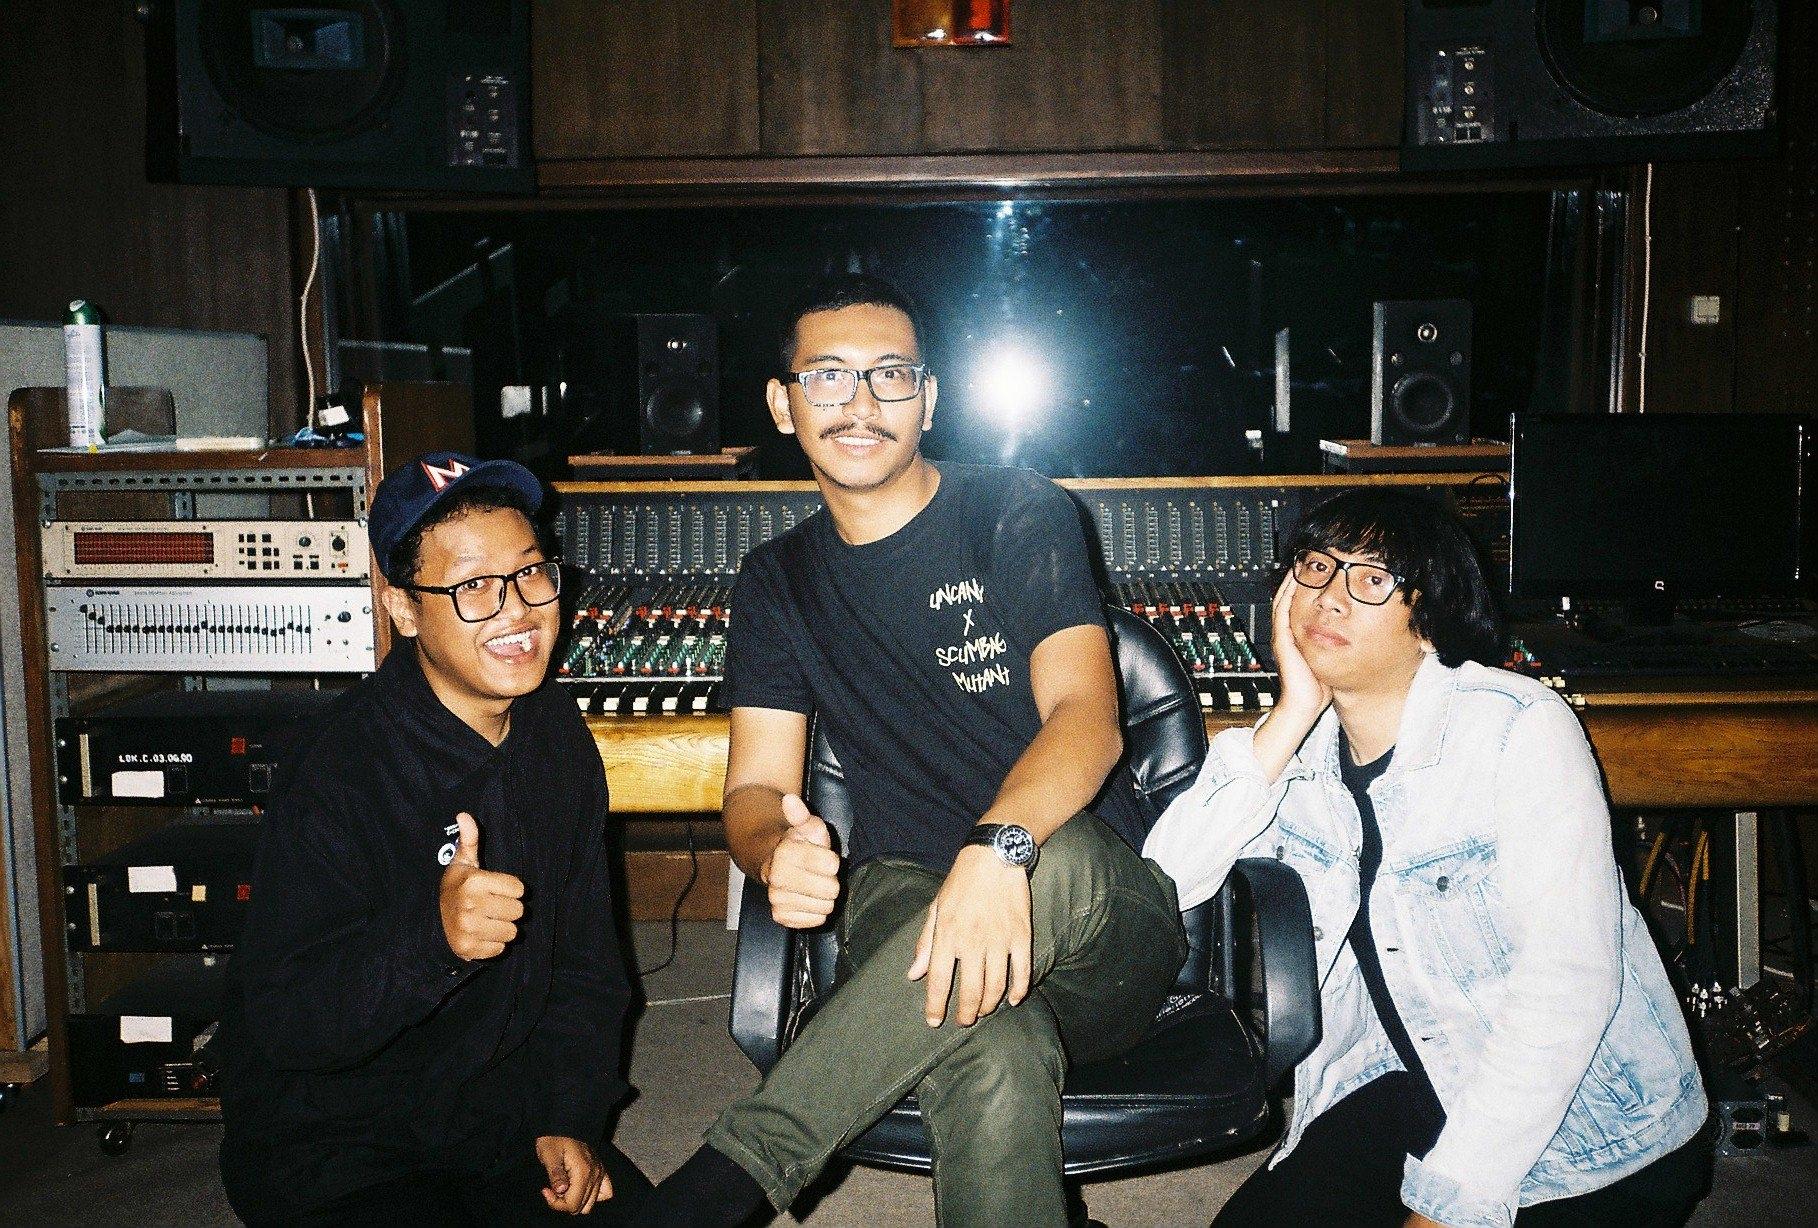 Saturday Night Karaoke Akan Menjalankan Tur ke Jepang   infobdg.com